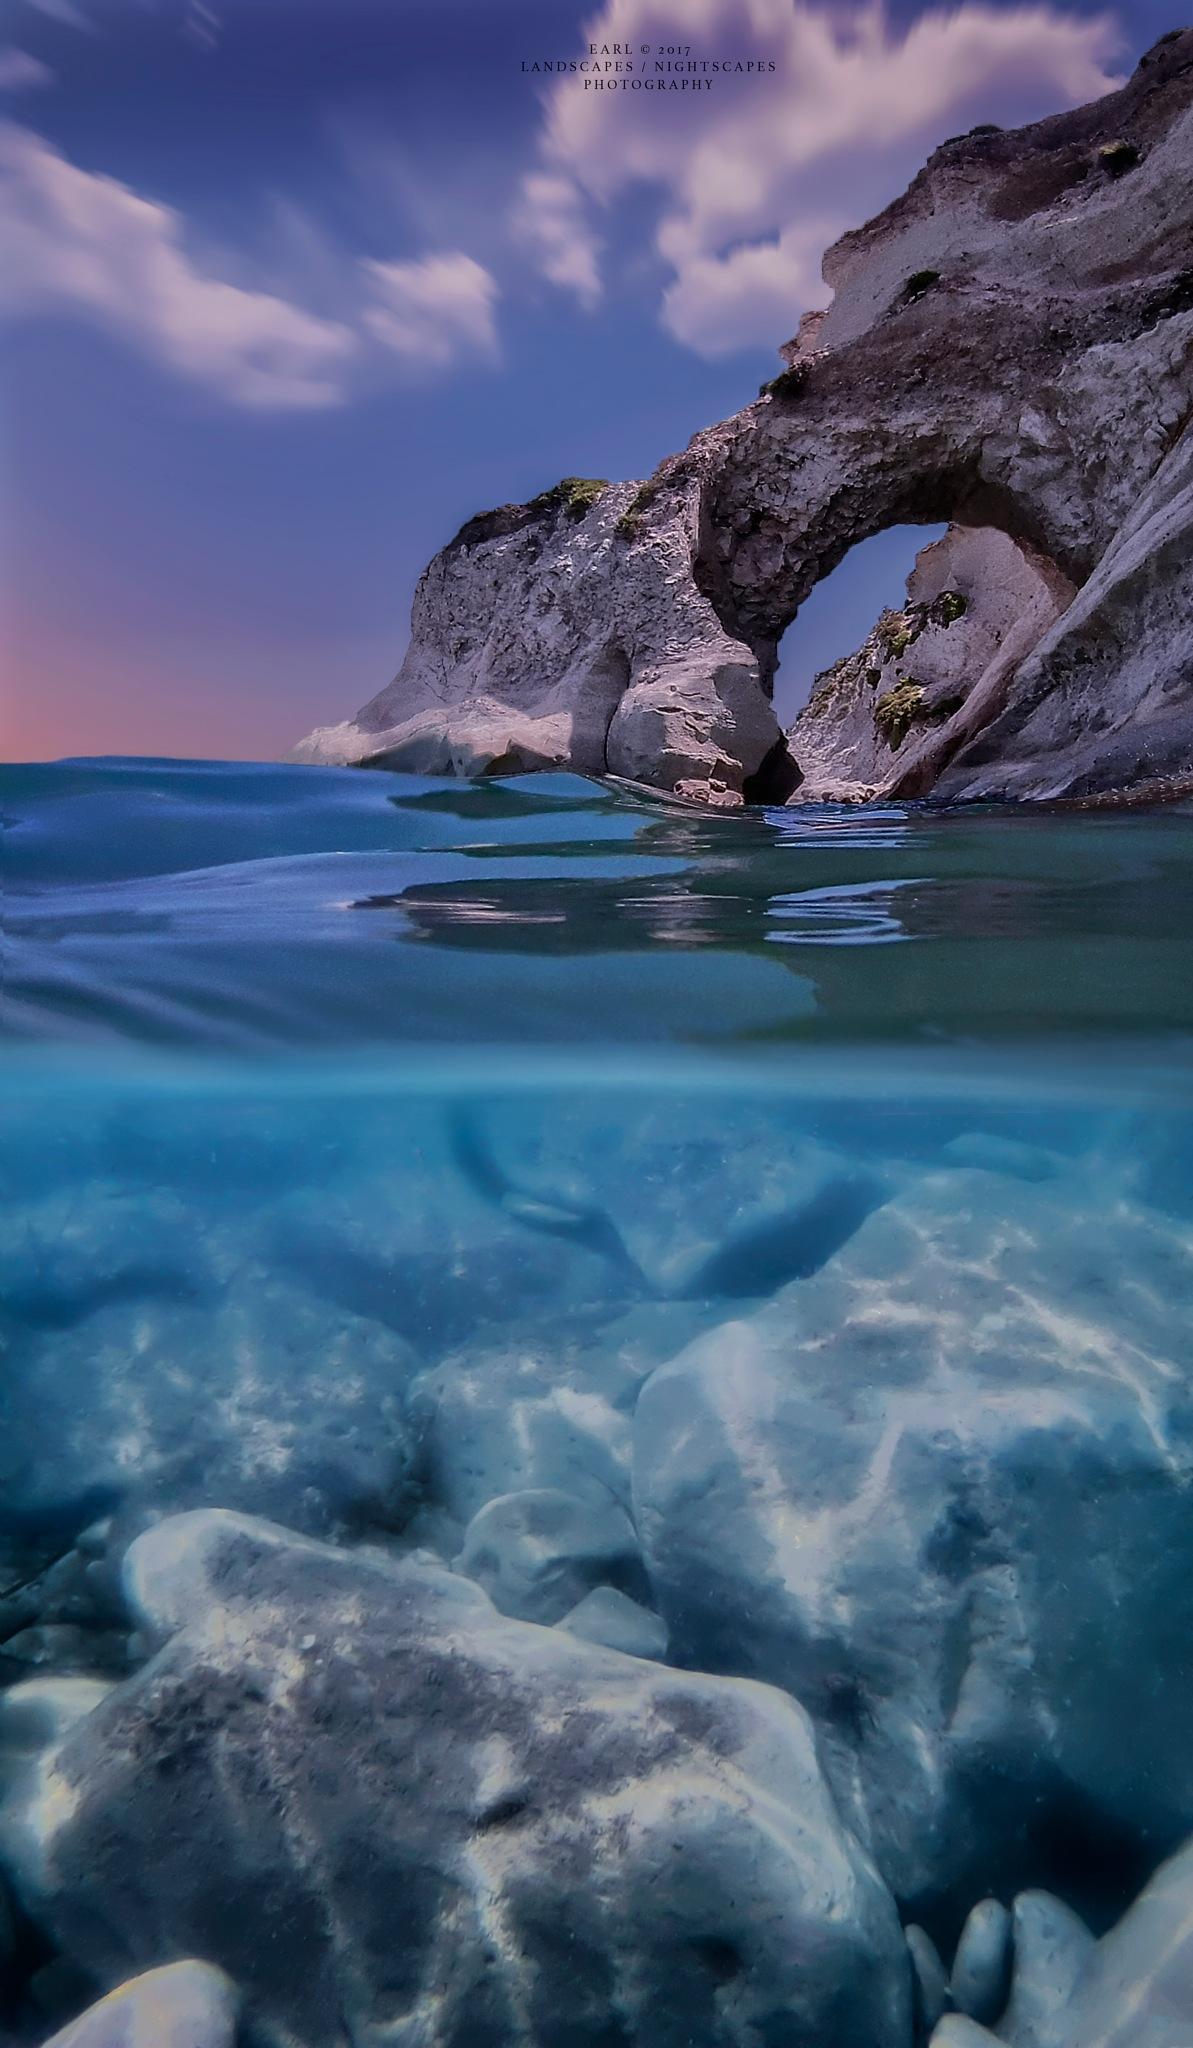 Munxar Seabed by Earl